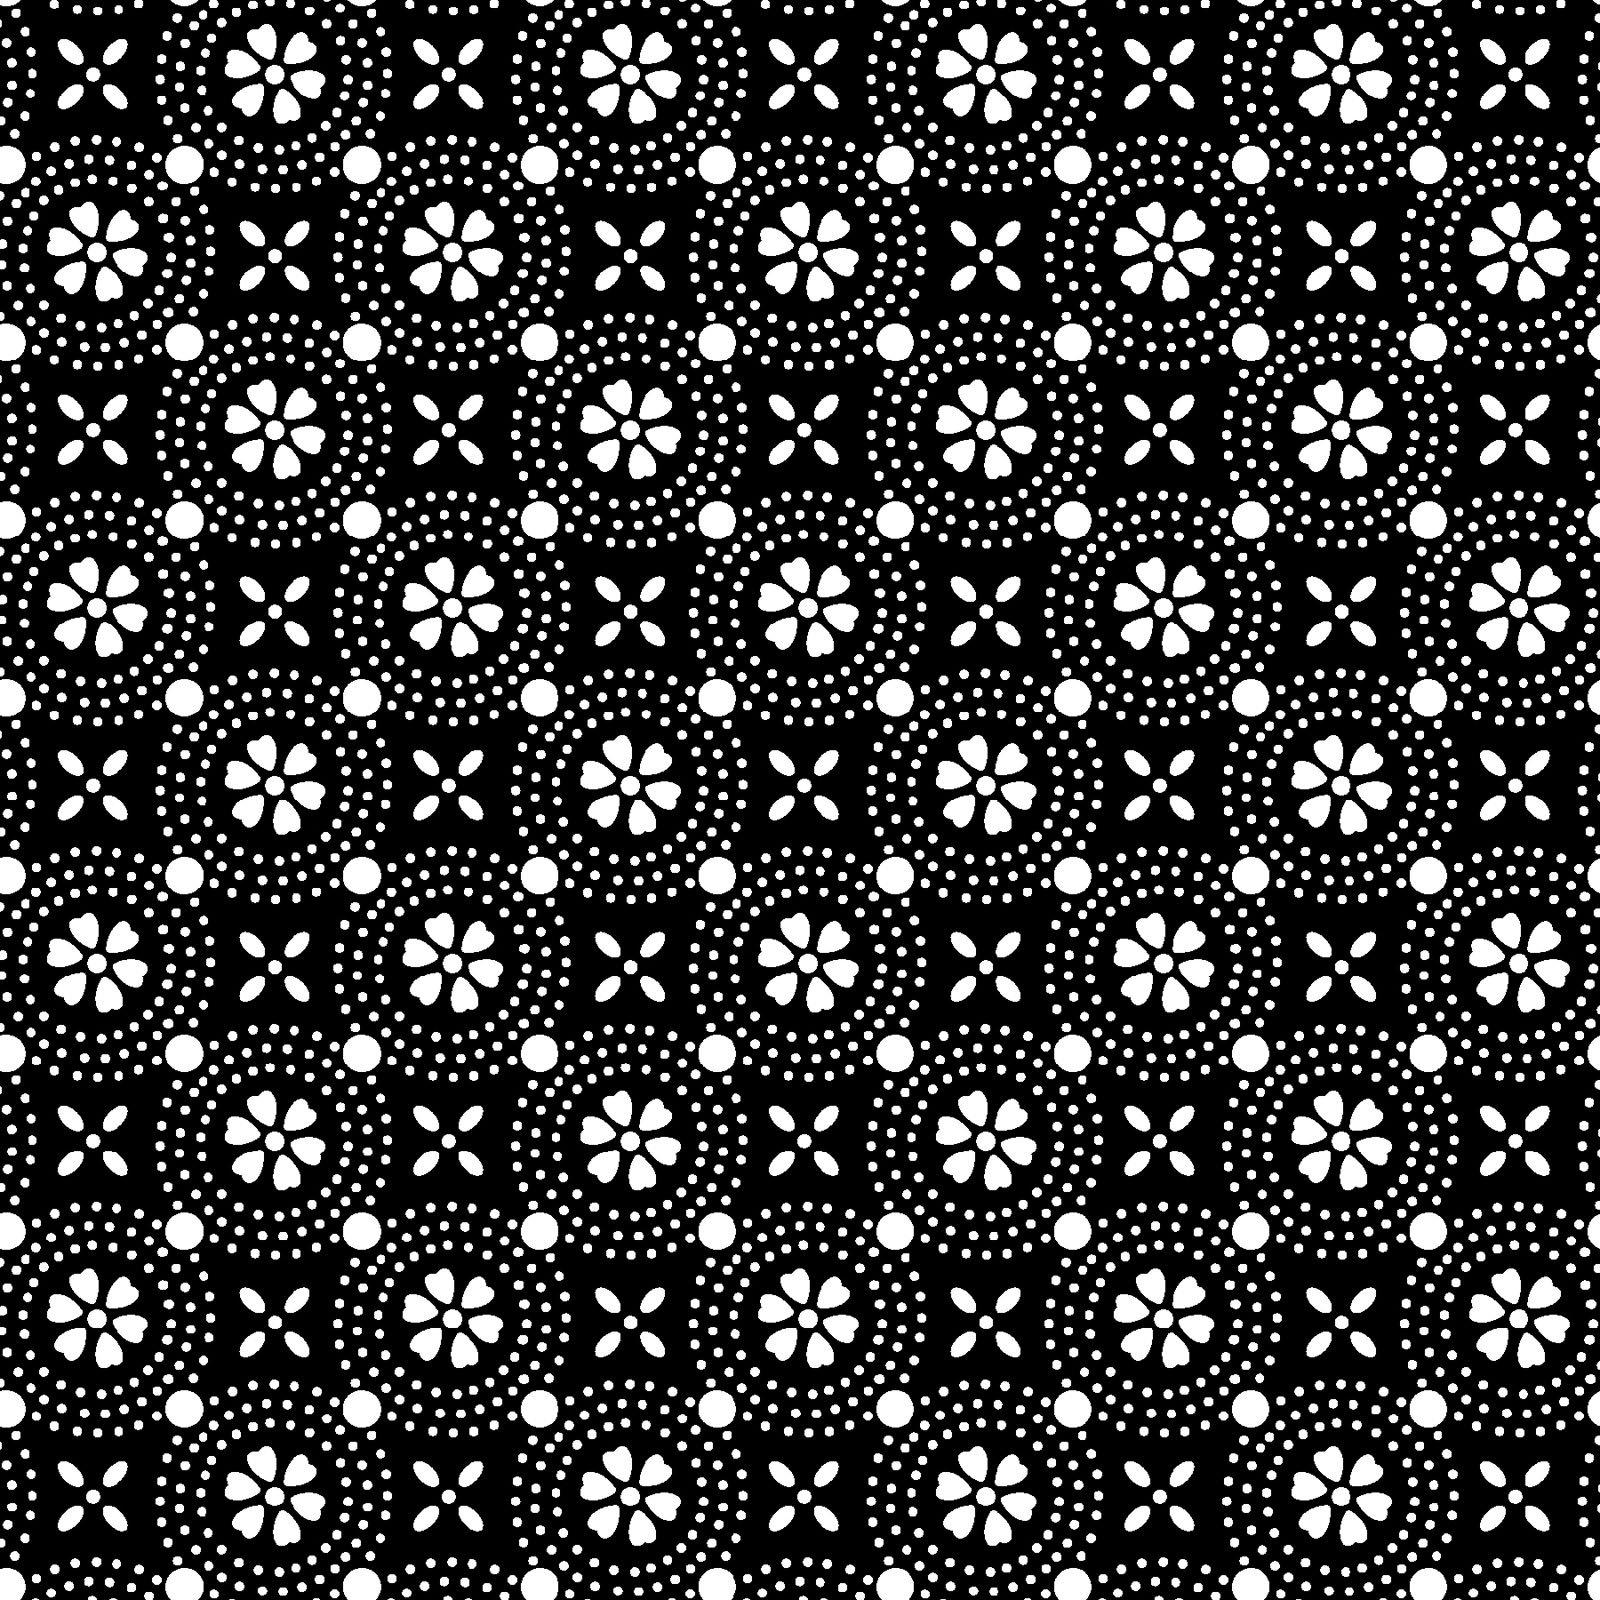 KimberBell Basics Black Dotted Circles 8241M-J